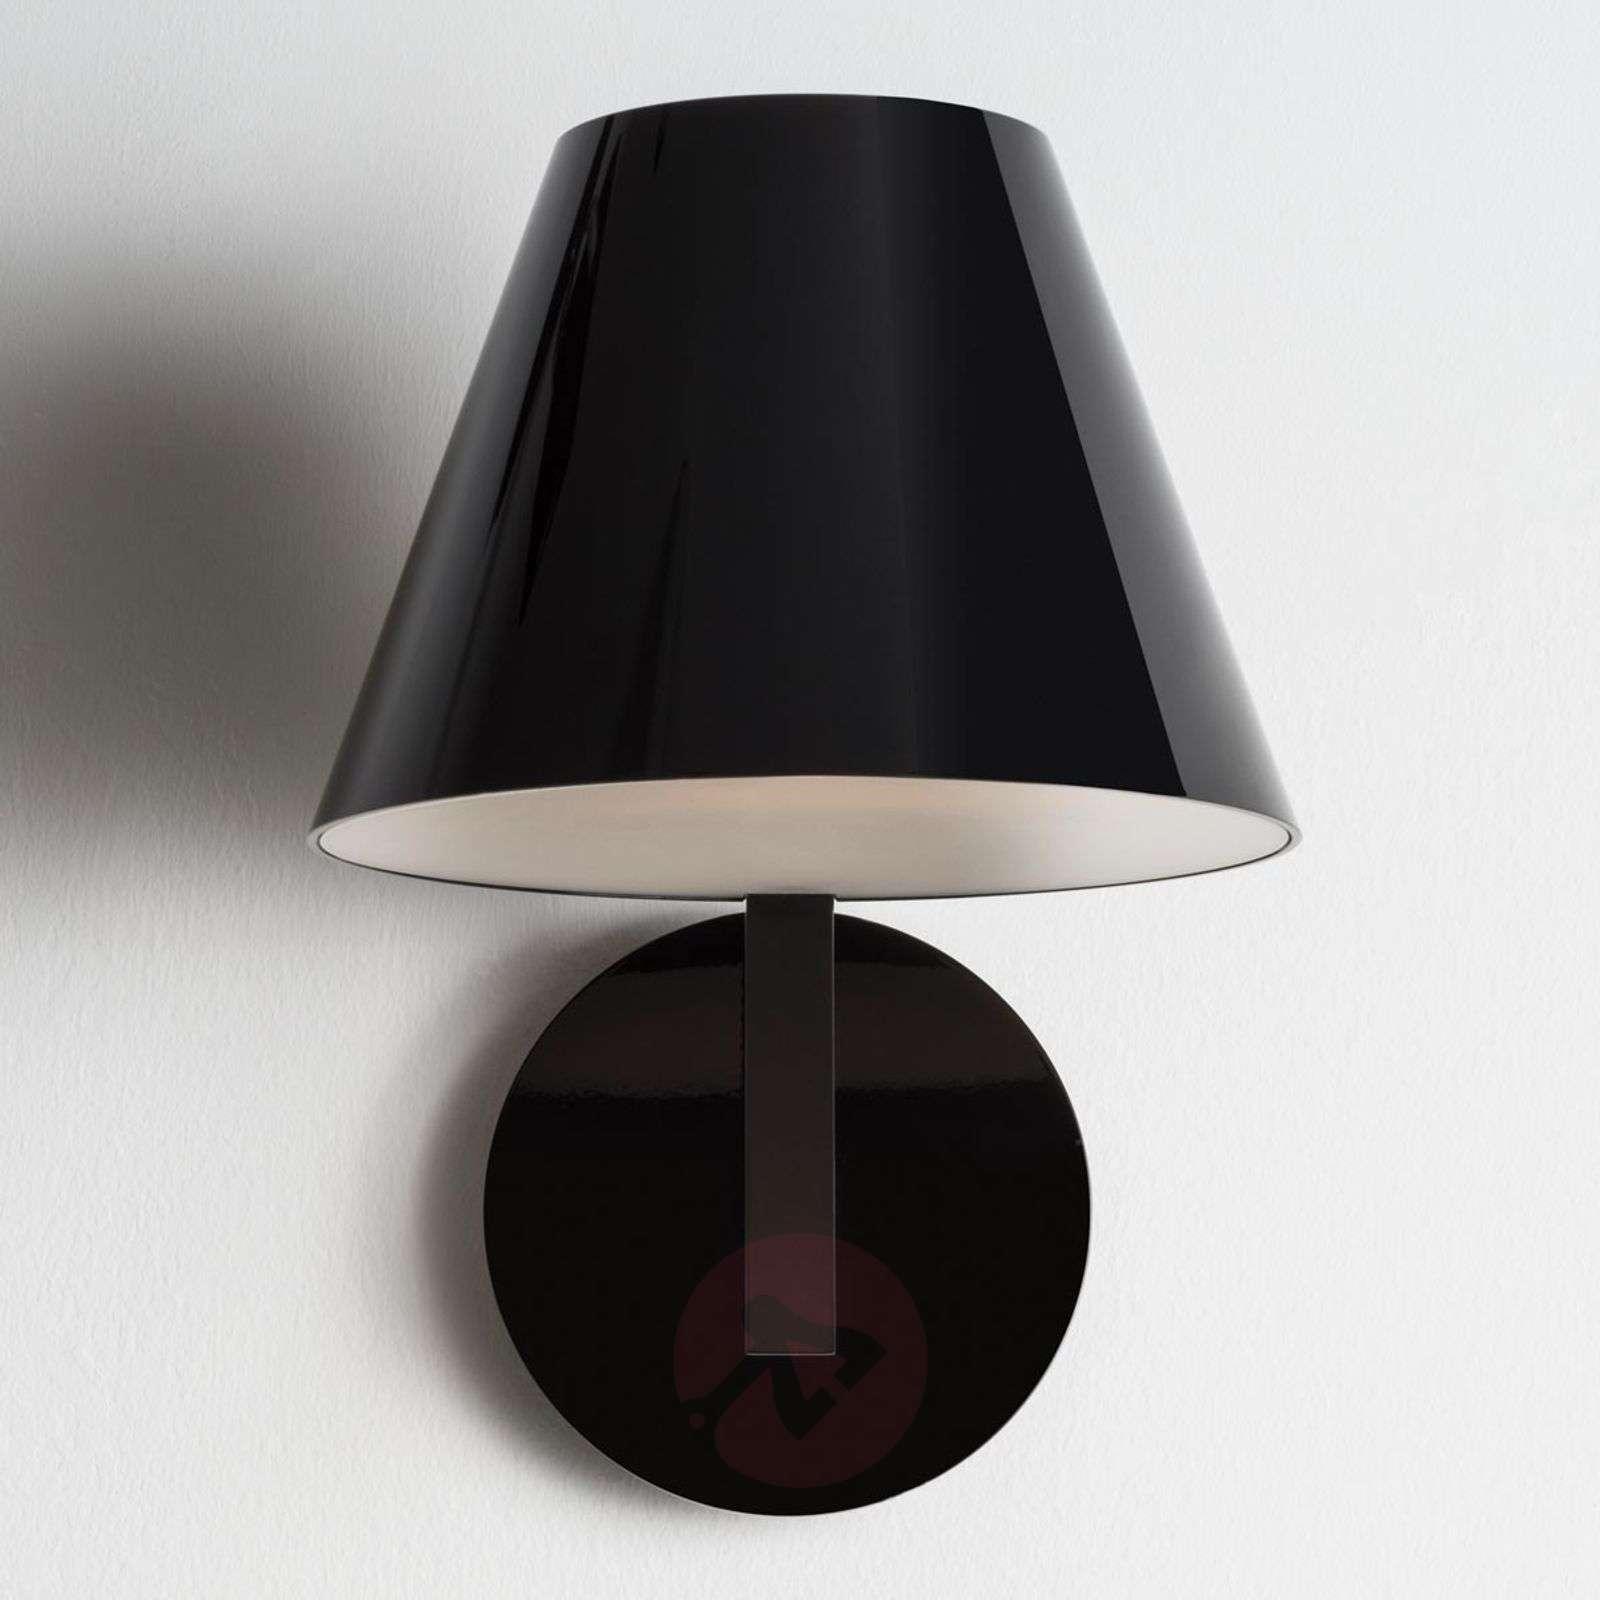 Musta design-seinävalaisin La Petite-1060042-01